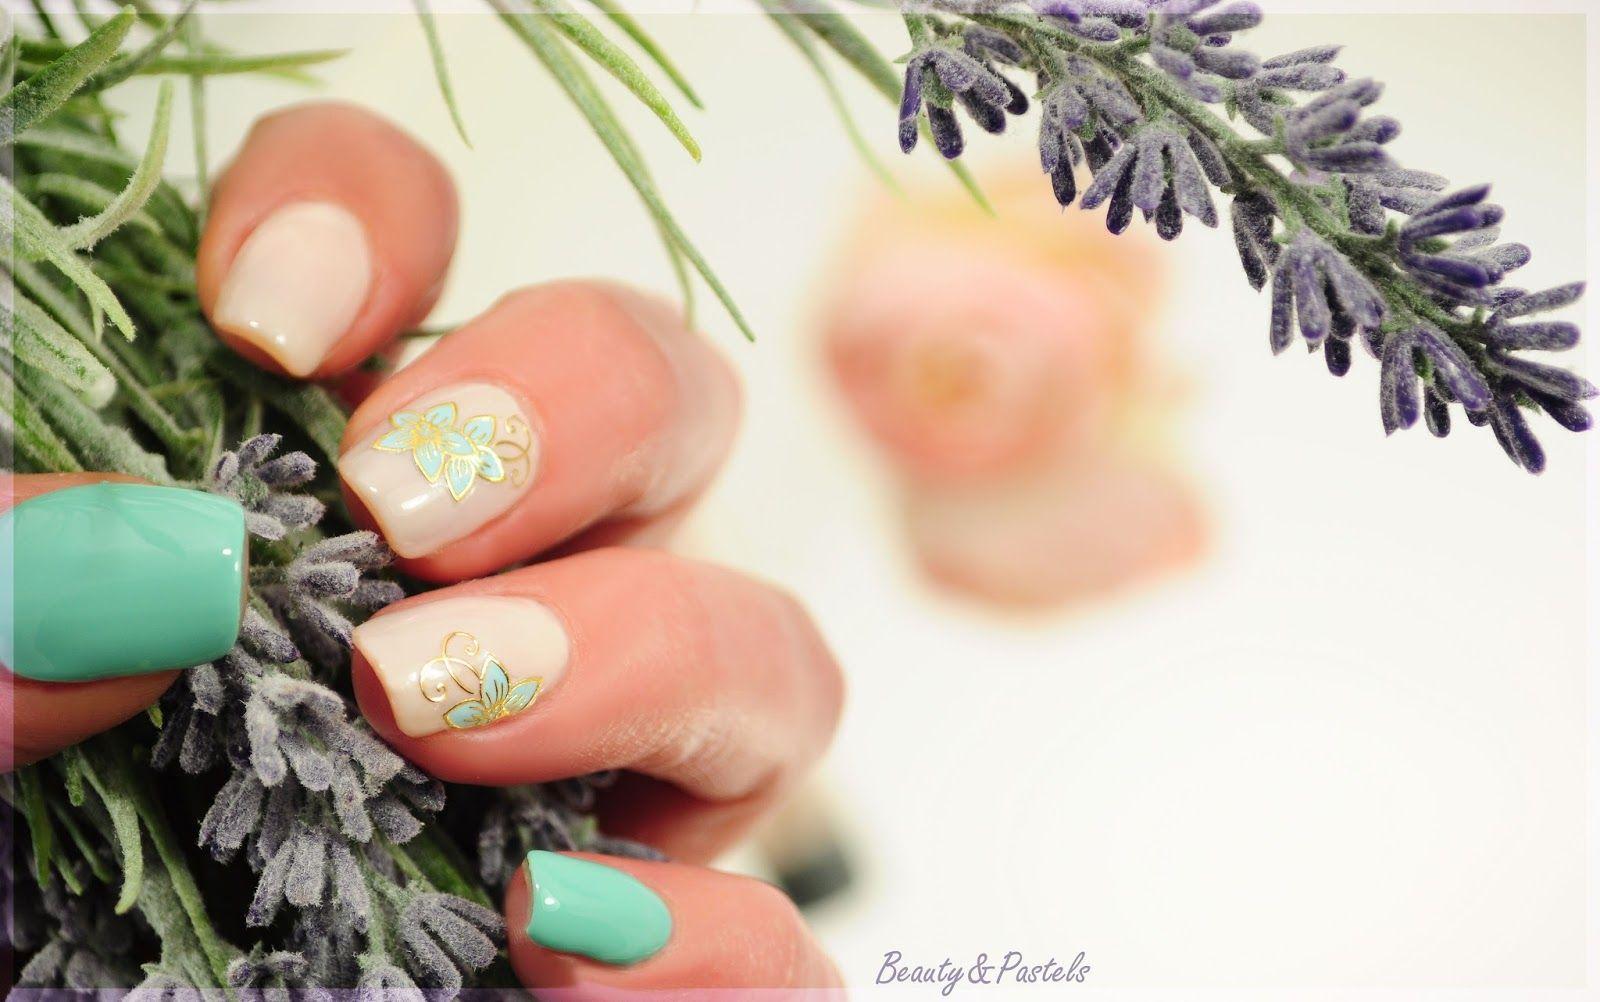 Beauty and Pastels: Frühlingsnagellacke von Make up factory http://www.beautyandpastels.de/2015/03/fruhlingsnagellacke-von-make-up-factory.html#more #Naildesign #Frühling